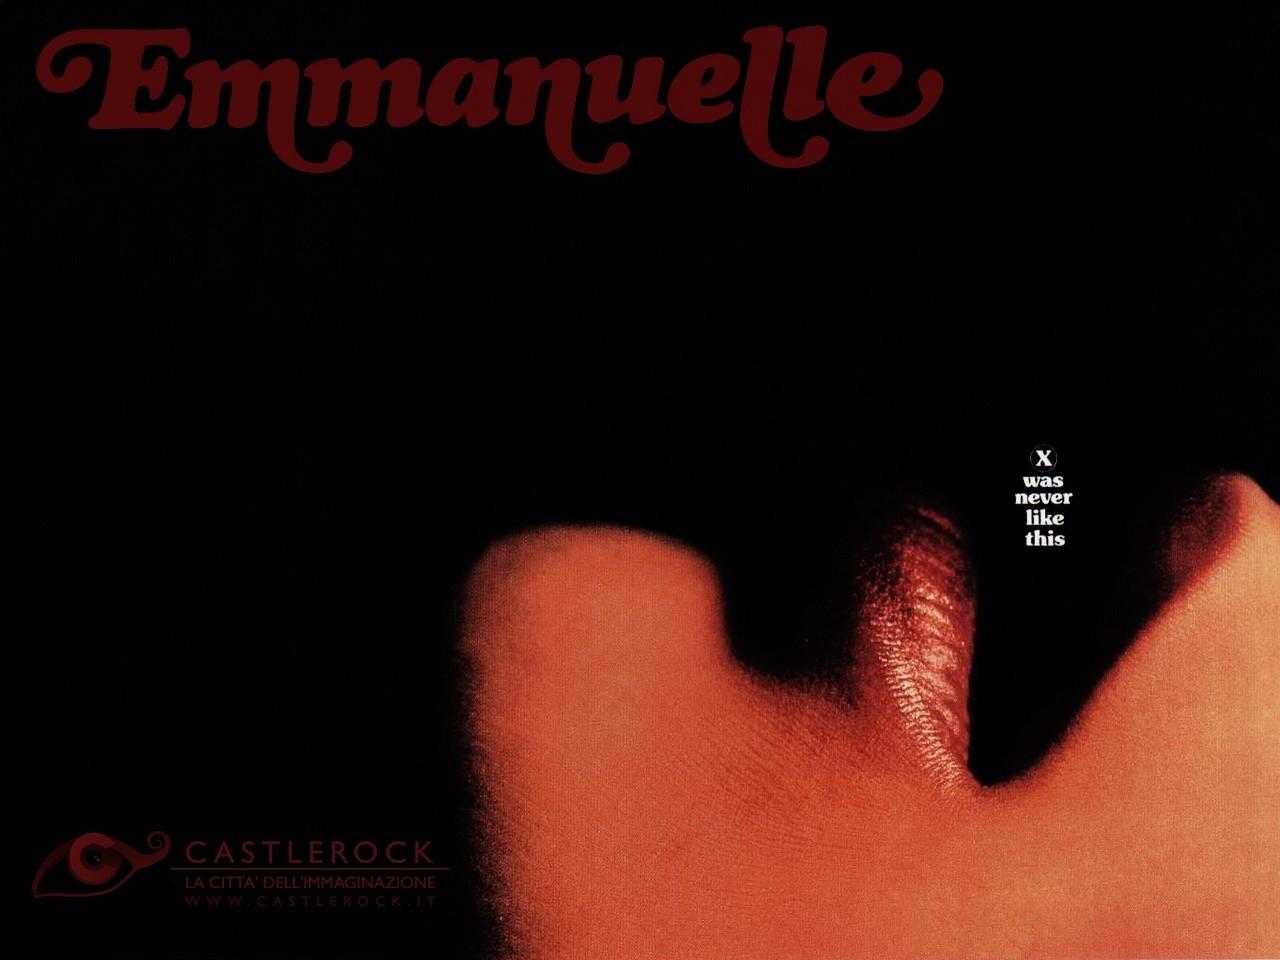 Wallpaper del film Emmanuelle